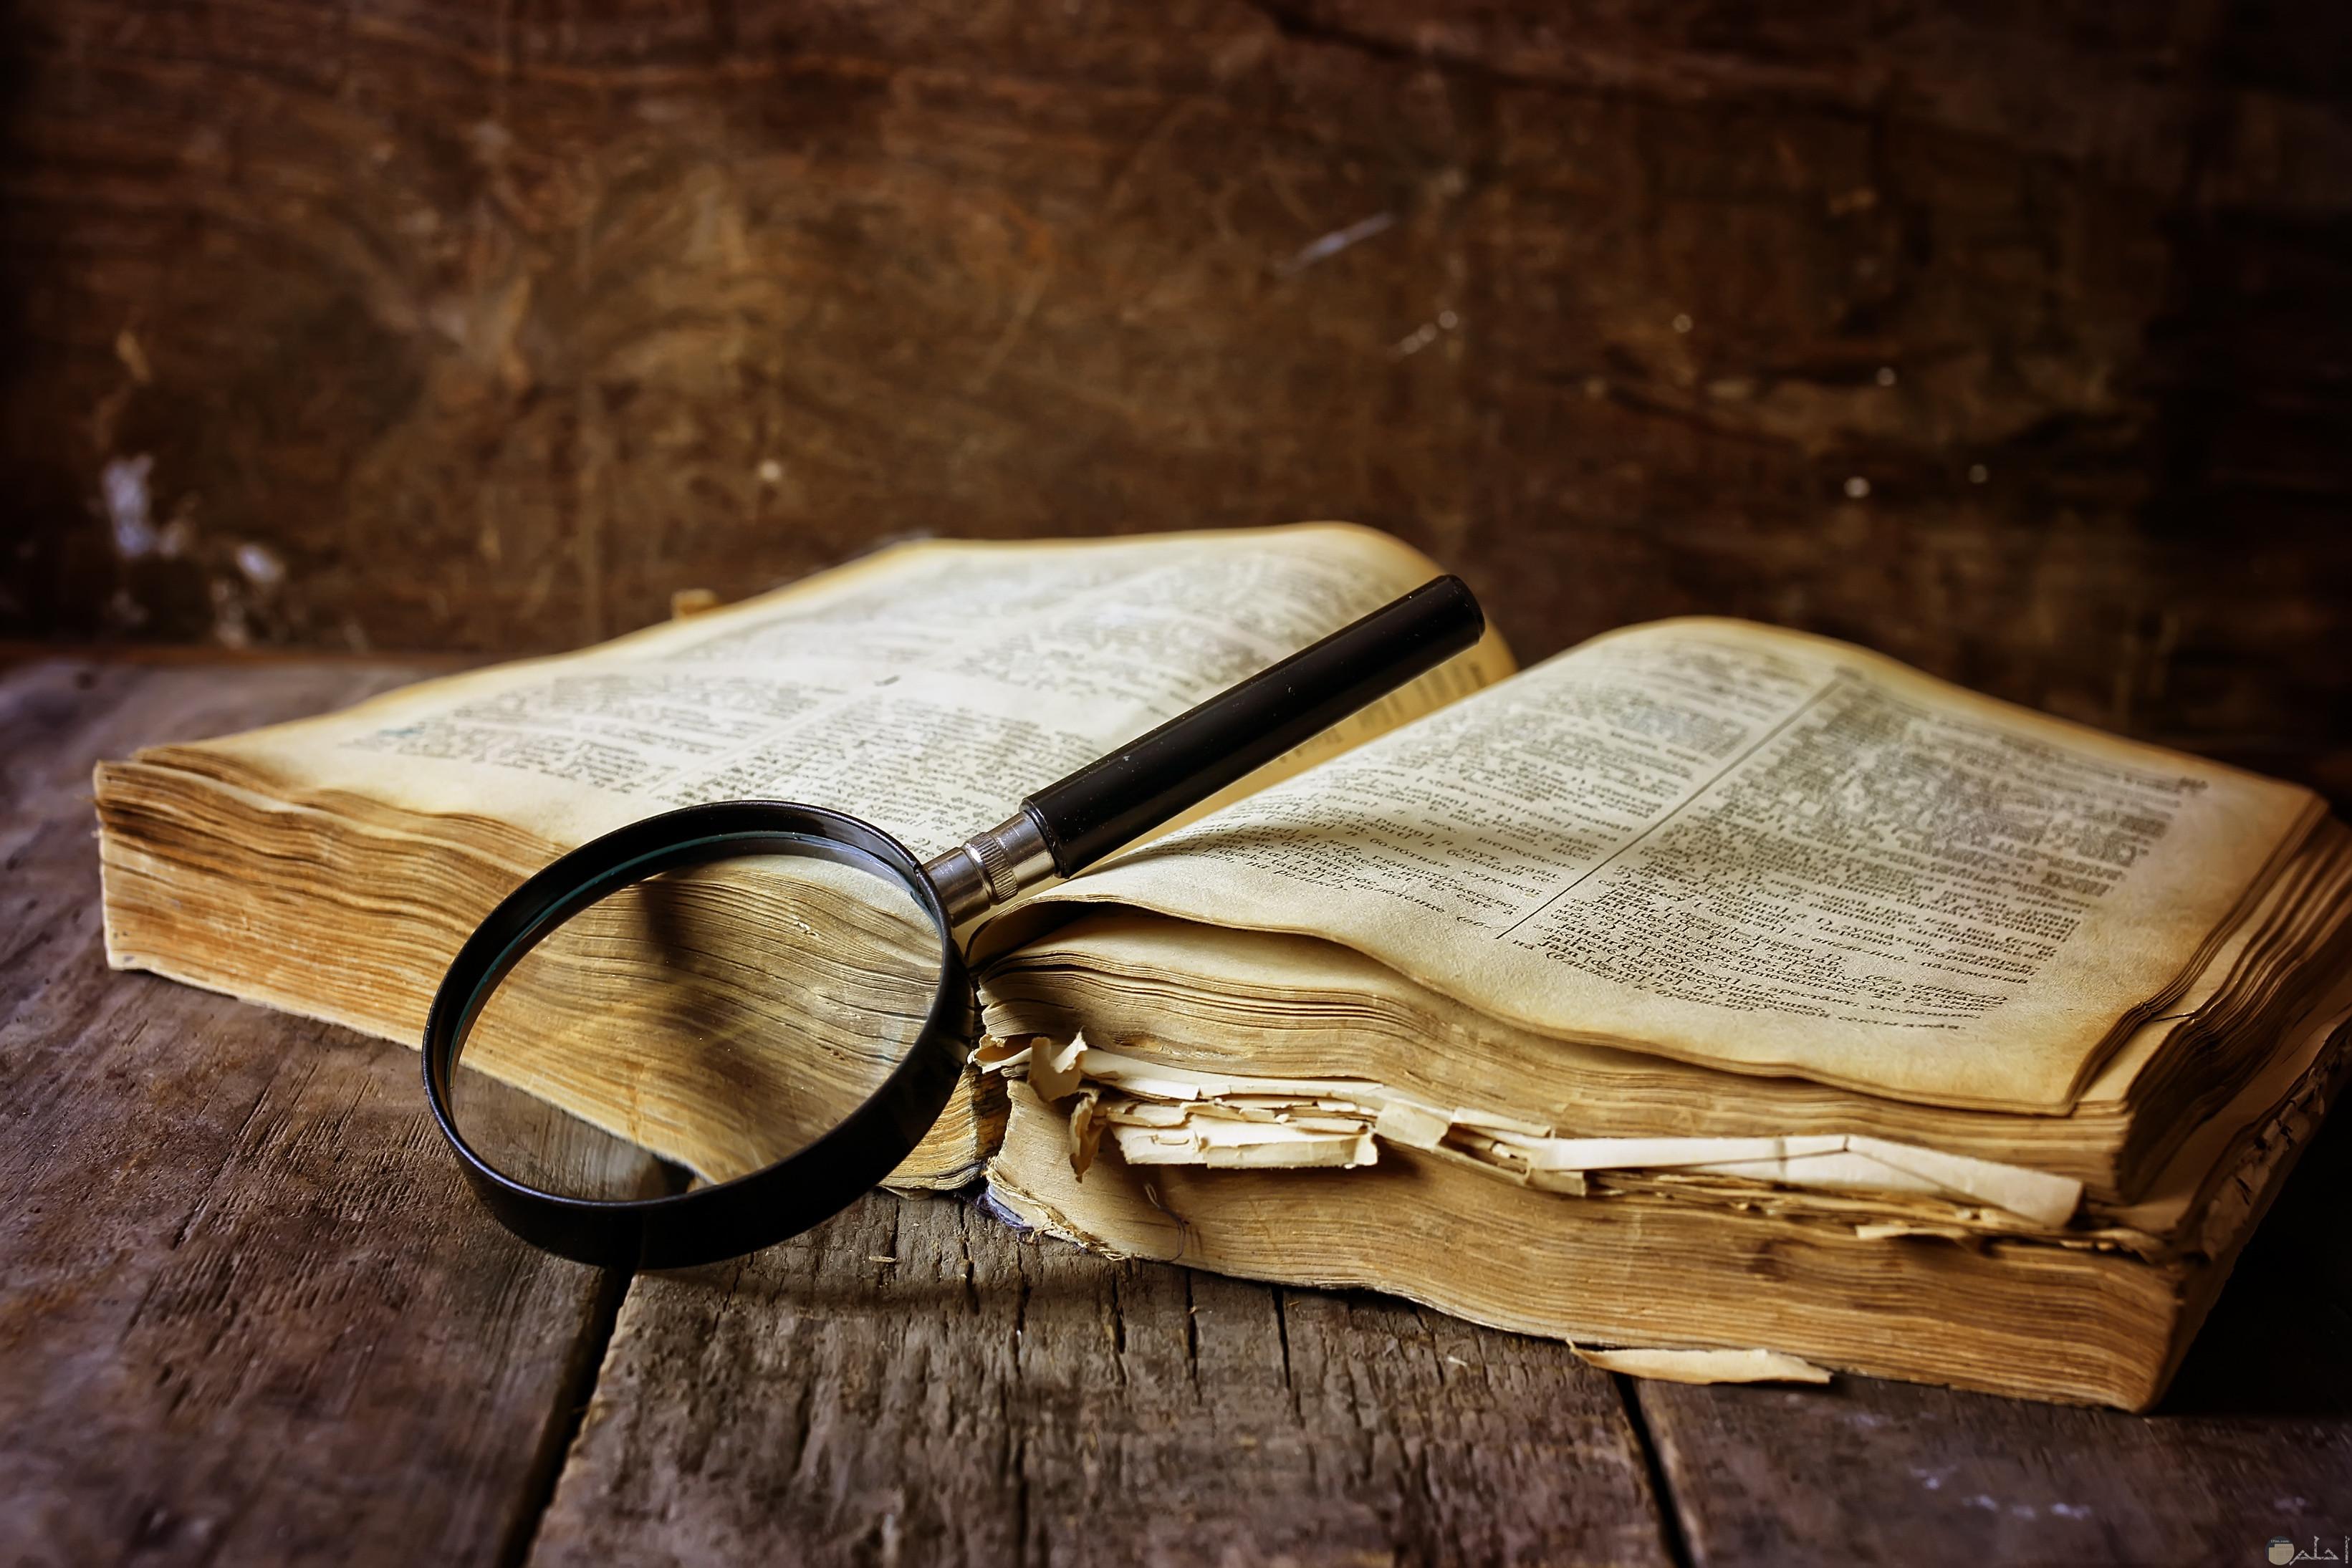 كتاب قديم ويتواجد بجوارة عدسة